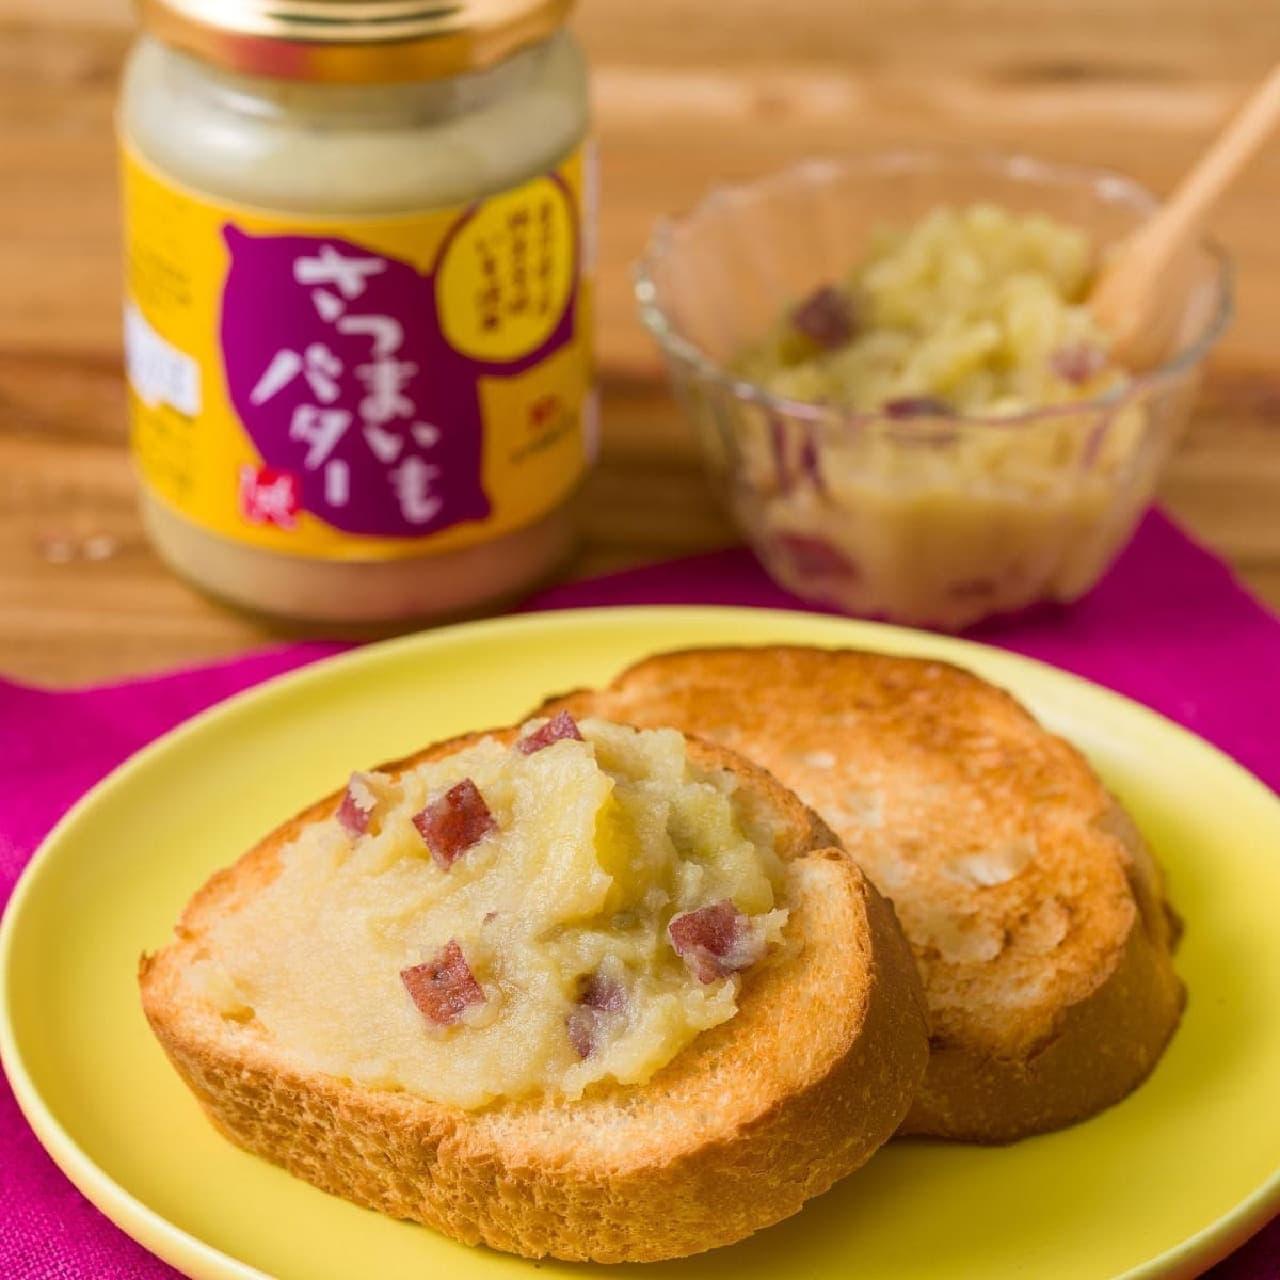 カルディ「もへじ 香川県産坂出金時いも使用 さつまいもバター」